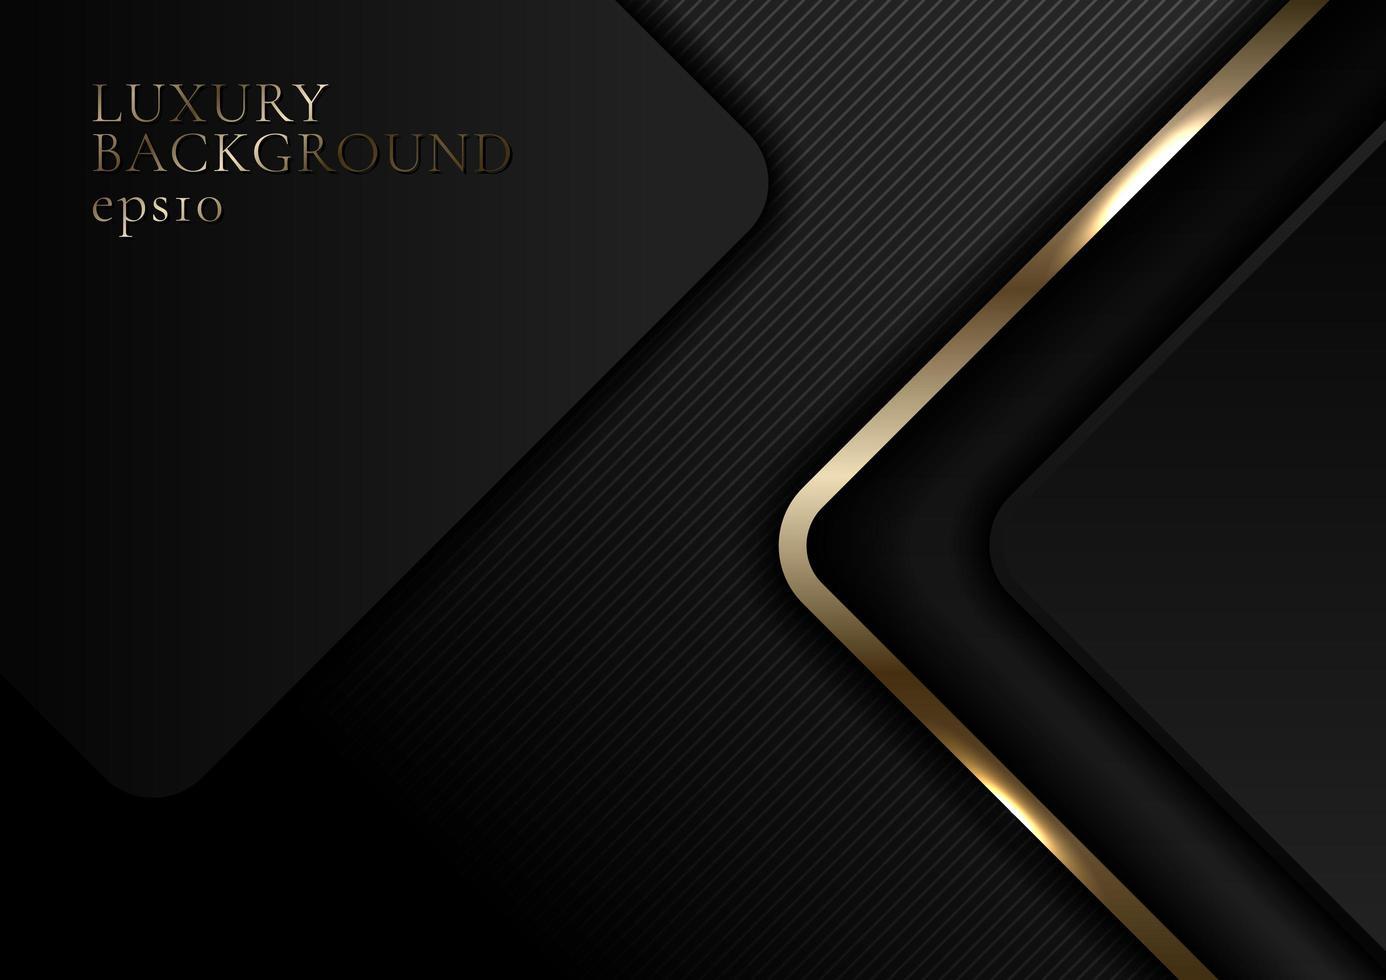 abstrait élégant or et noir carré arrondi brillant sur fond sombre style de luxe vecteur